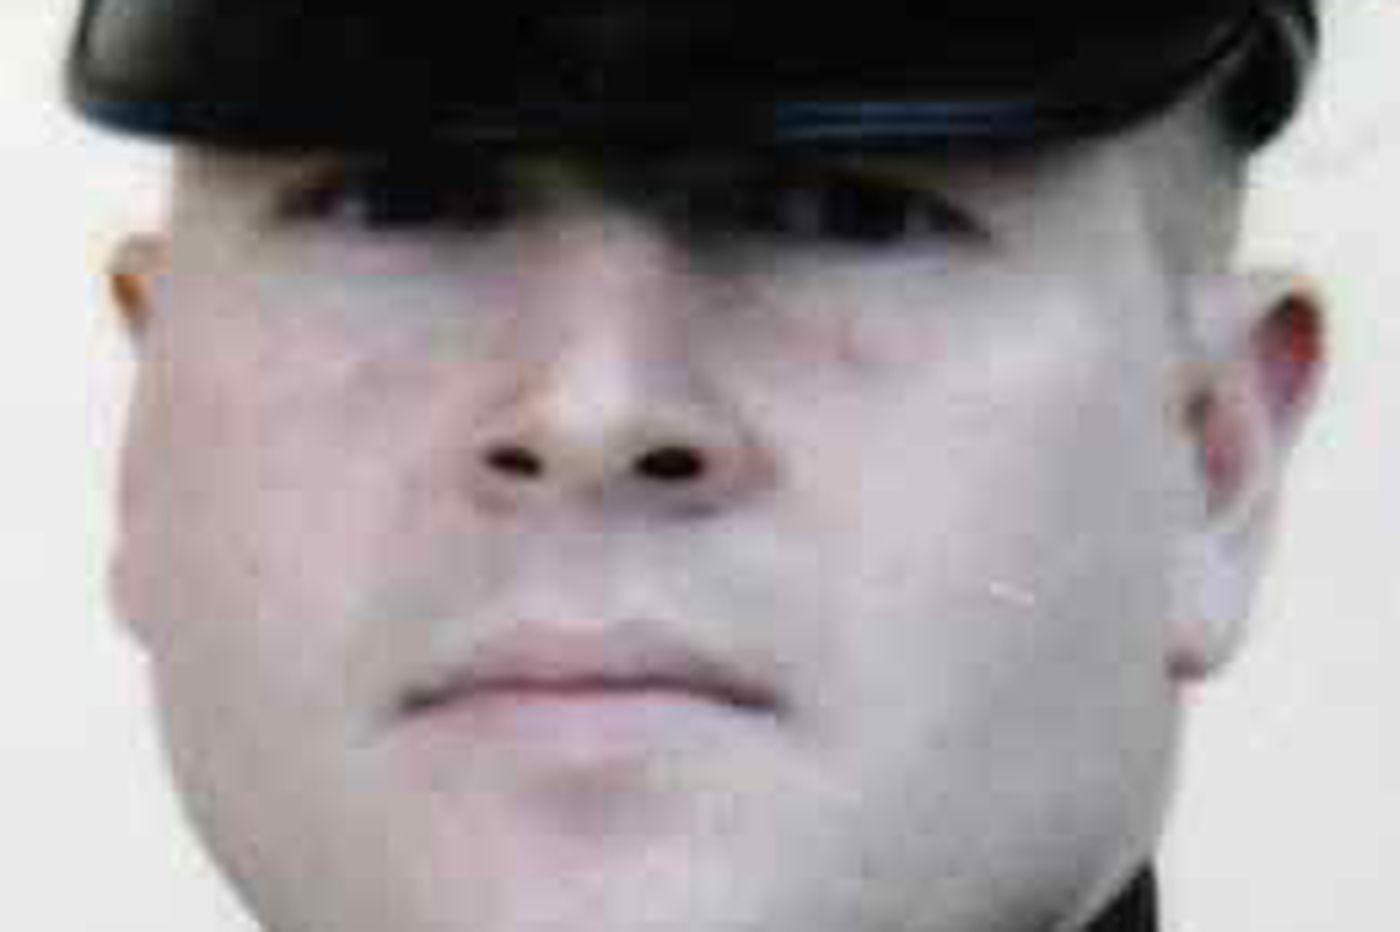 Cop, 2nd man slain near Pittsburgh